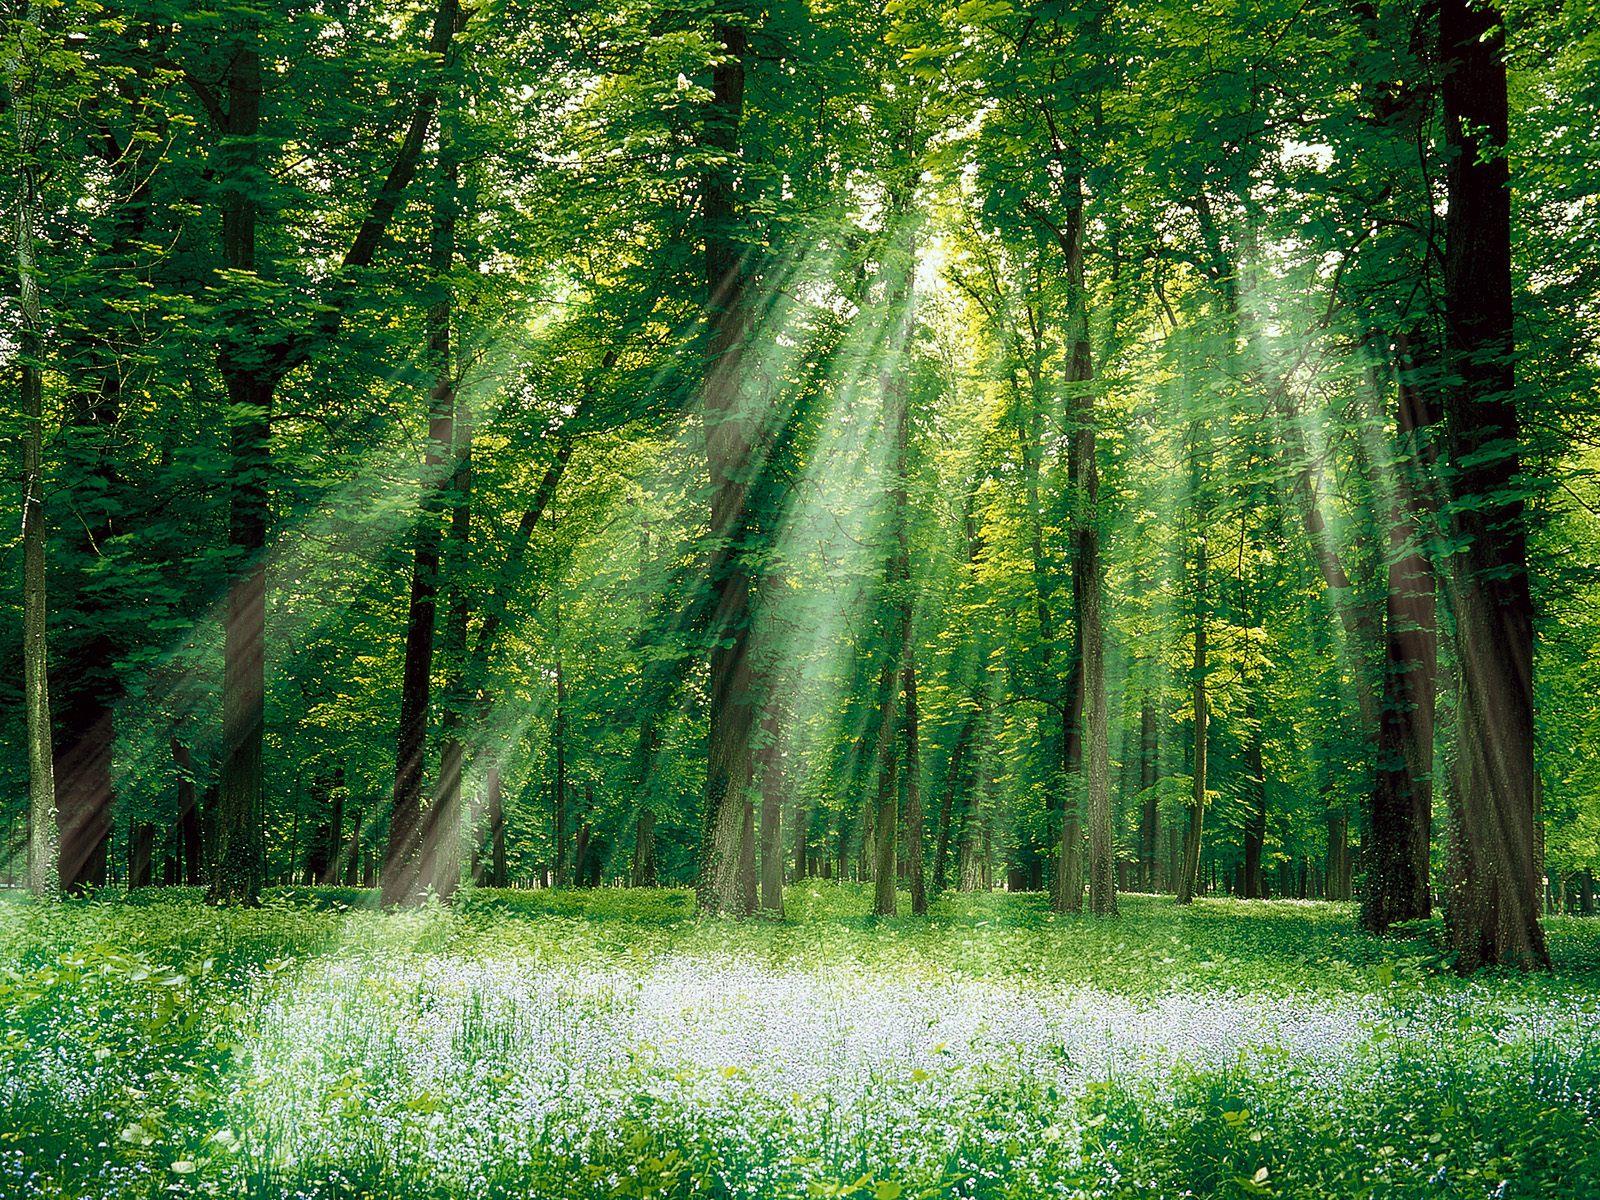 лучи солнца в лесу, скачать фото, лес, деревья